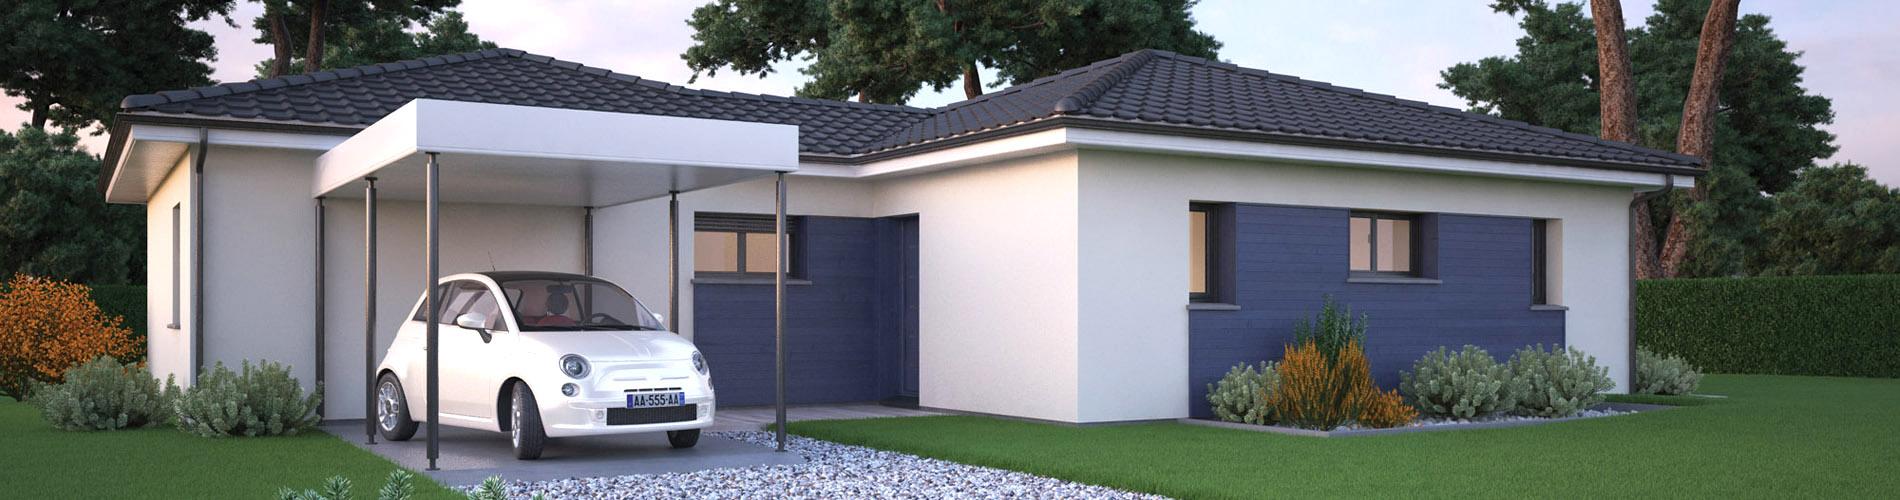 Maison a vendre.site : Les avantages d'être propriétaire